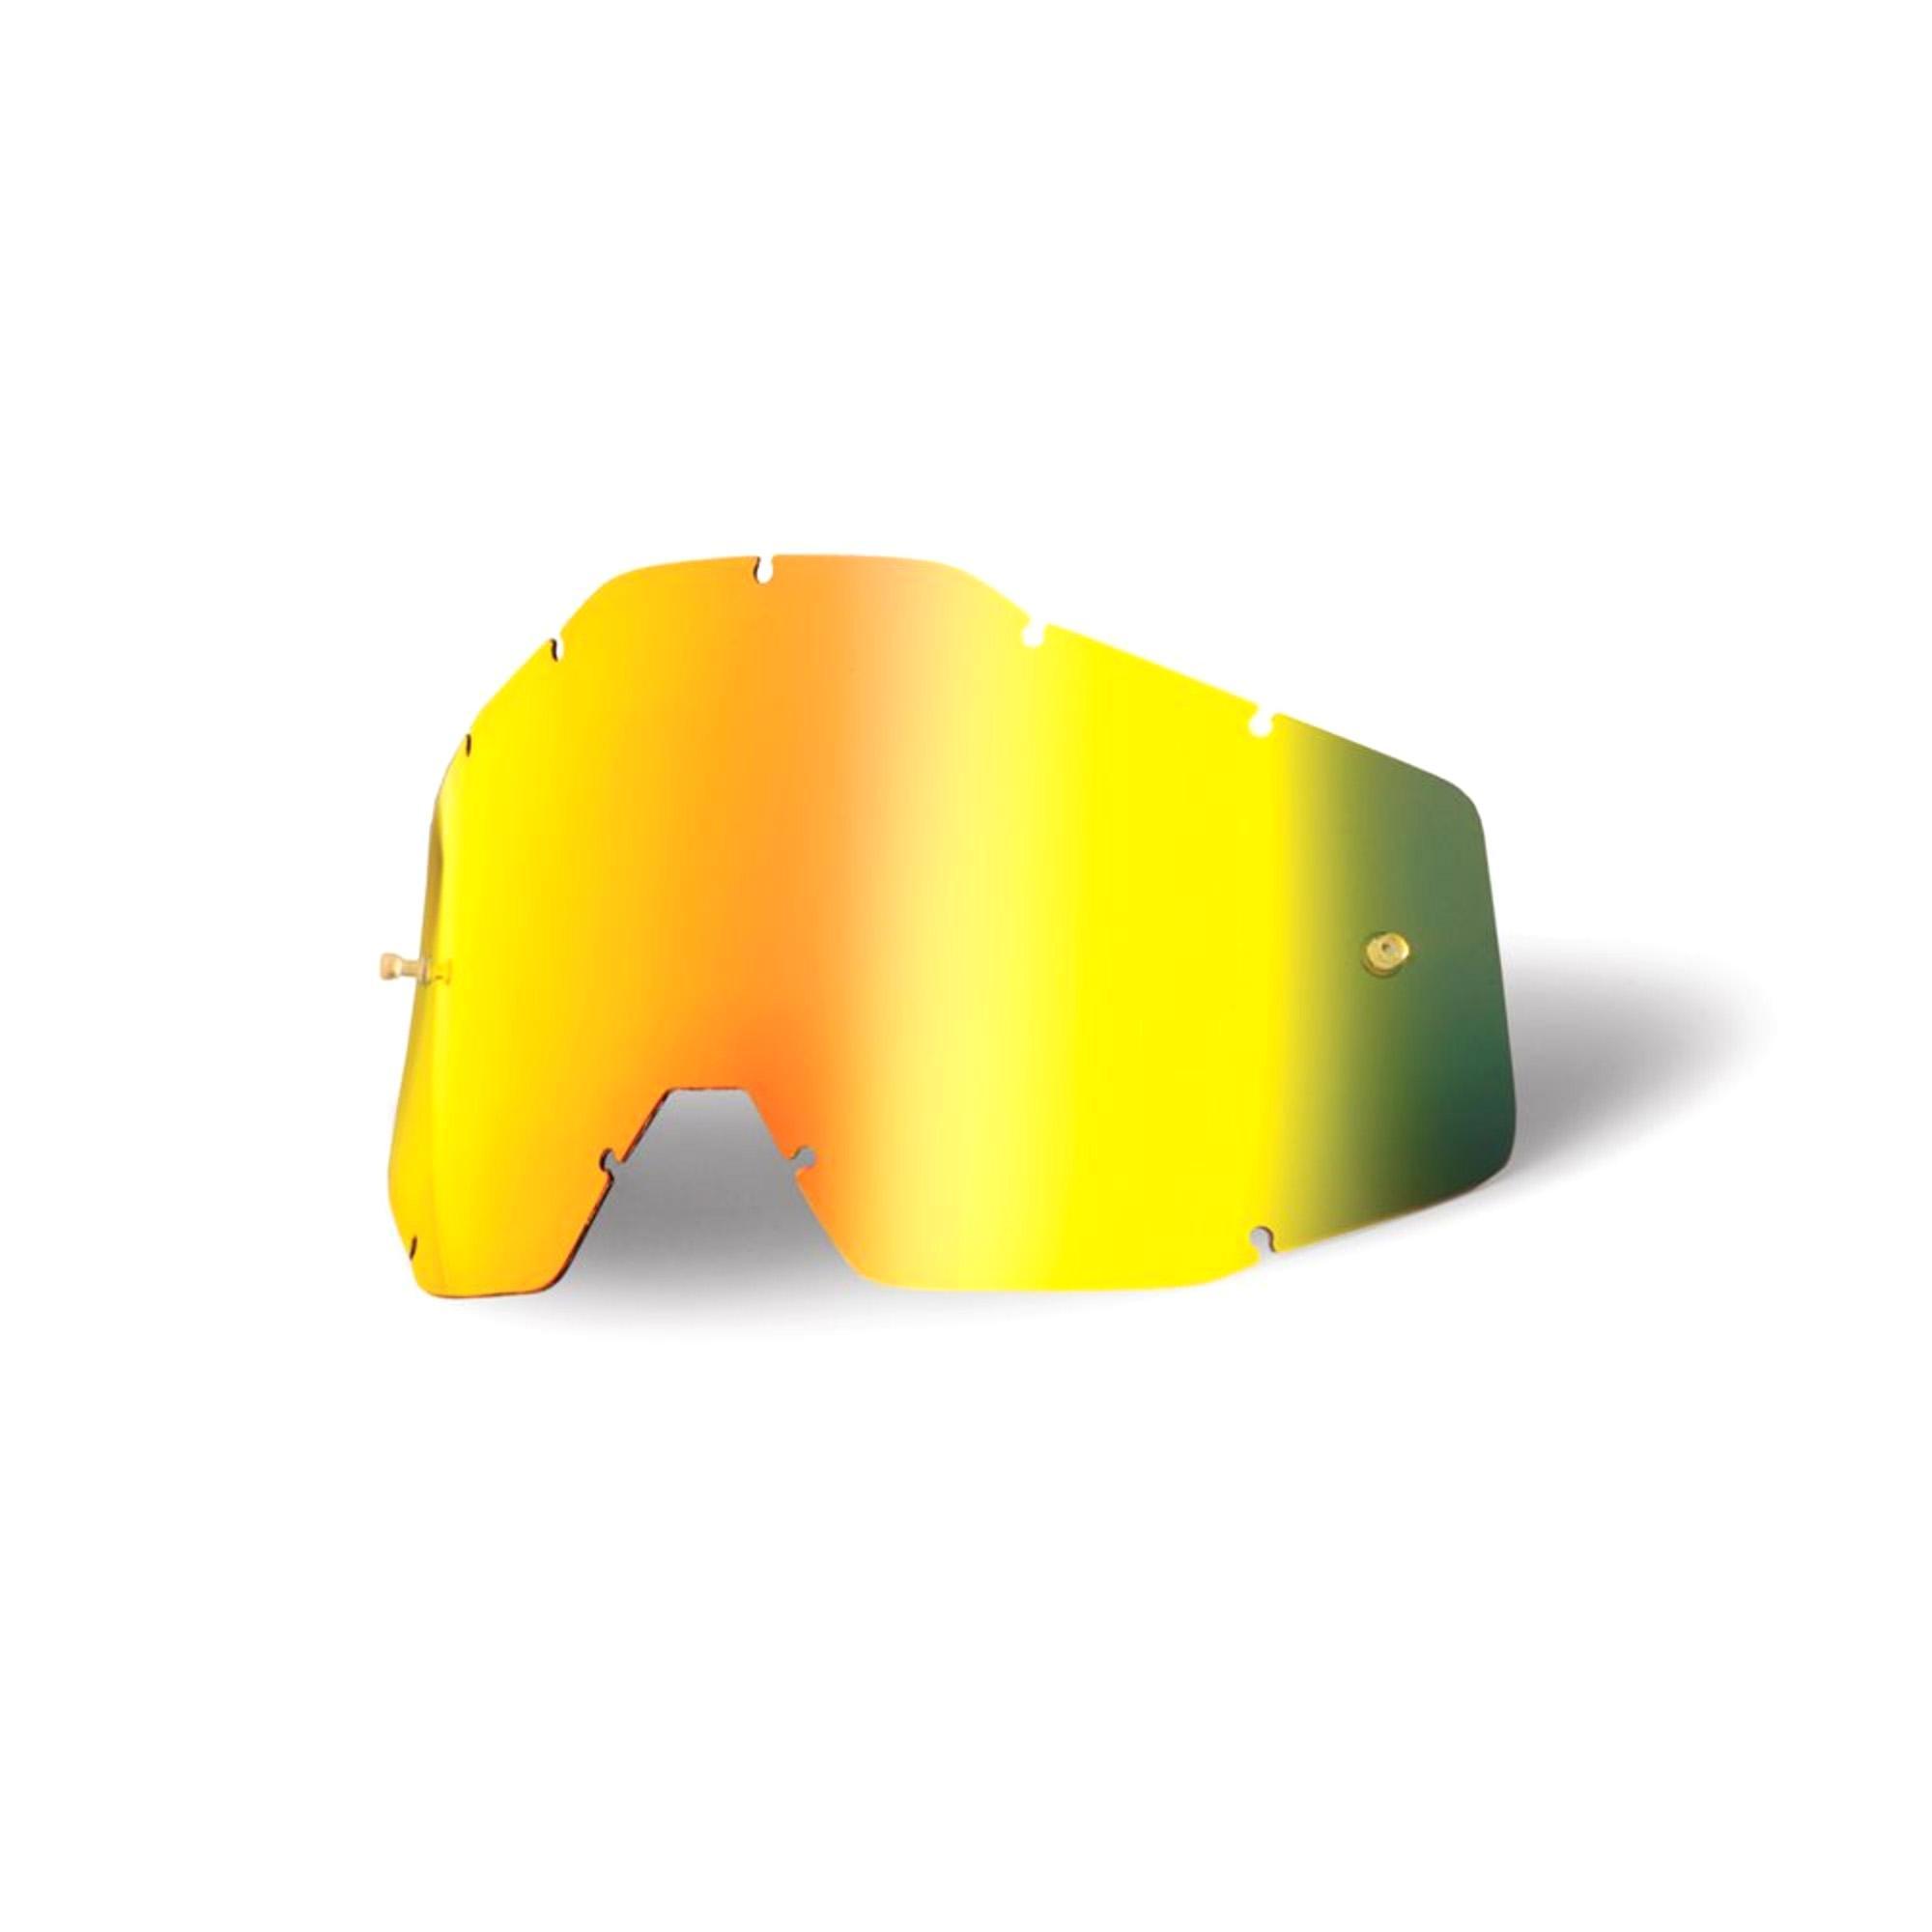 51001-007-02 Smoke Anti-Fog 100/% Replacement Lens